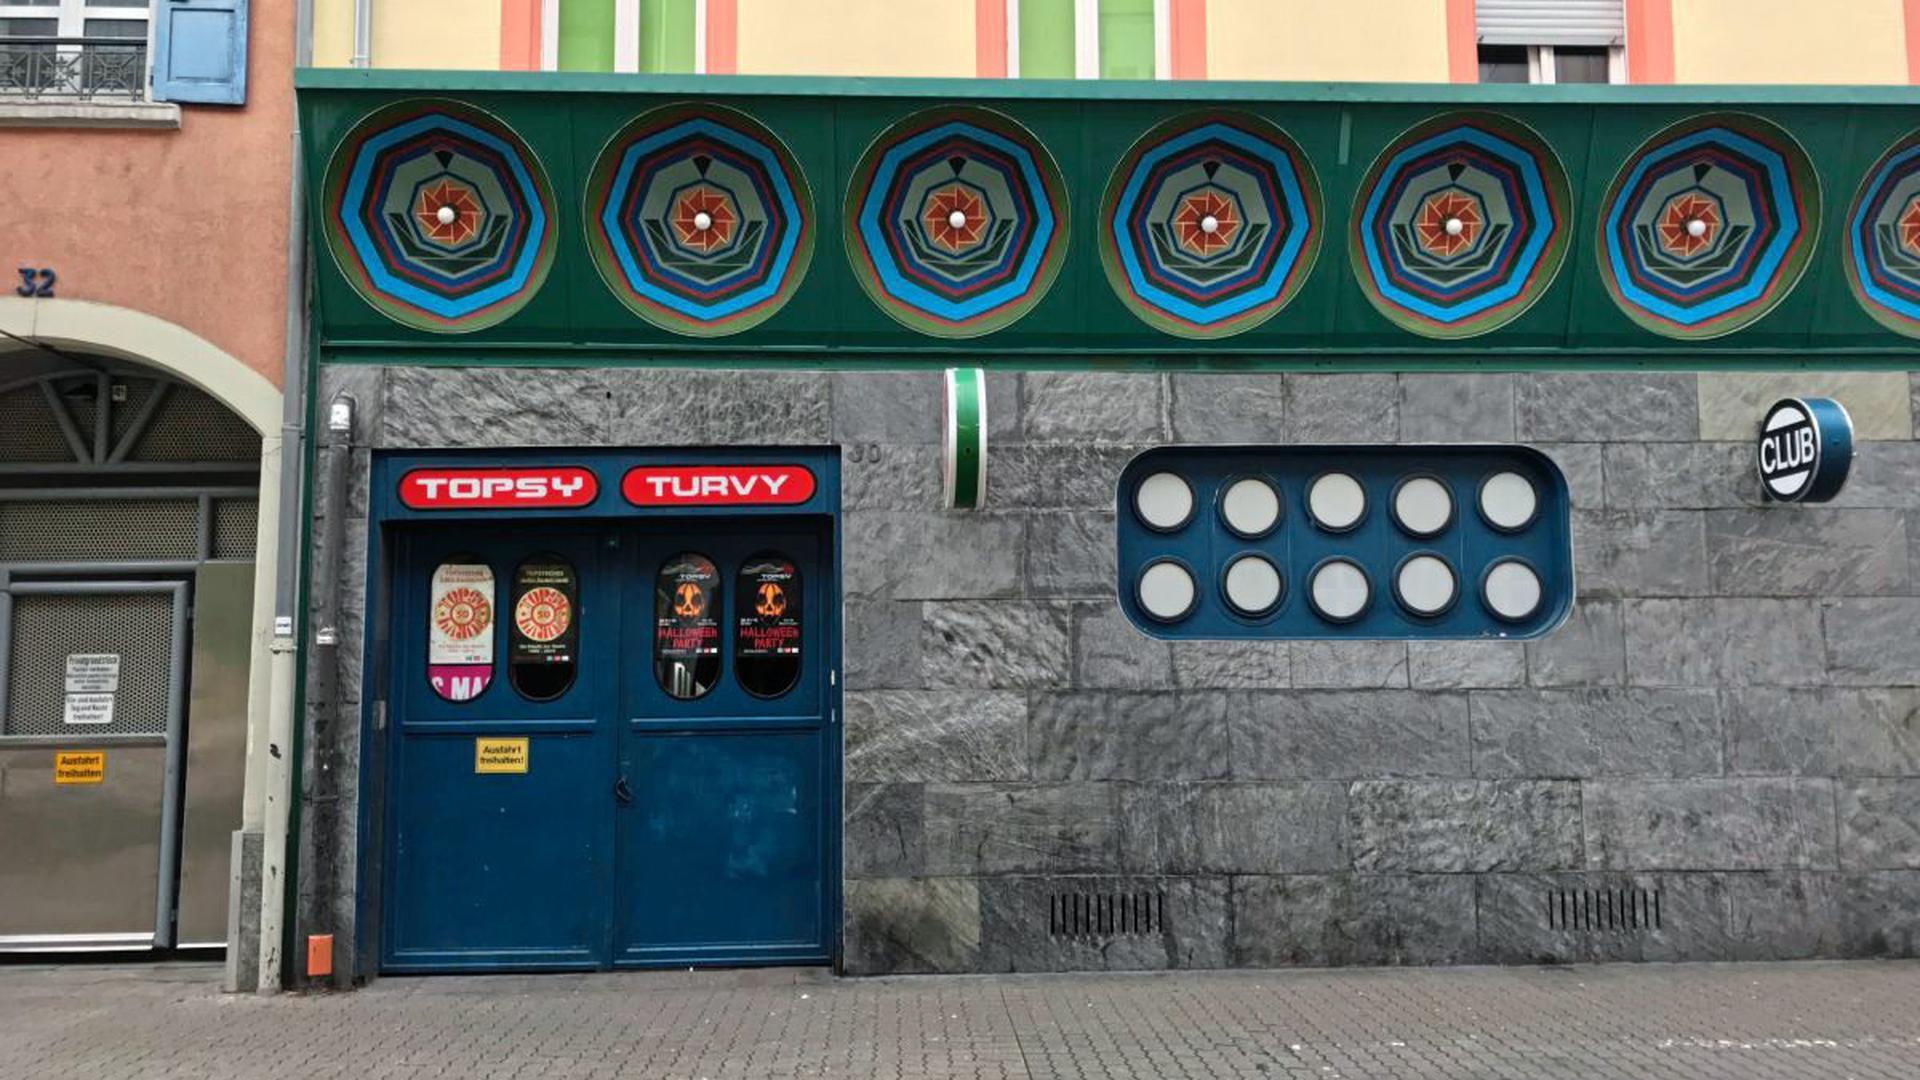 """Viele offene Fragen um eine Veranstaltung am 2. Juli: Das """"Topsy Turvy"""" in Karlsruhe beschäftigt die Stadt Karlsruhe wegen eines Corona-Ausbruchs."""